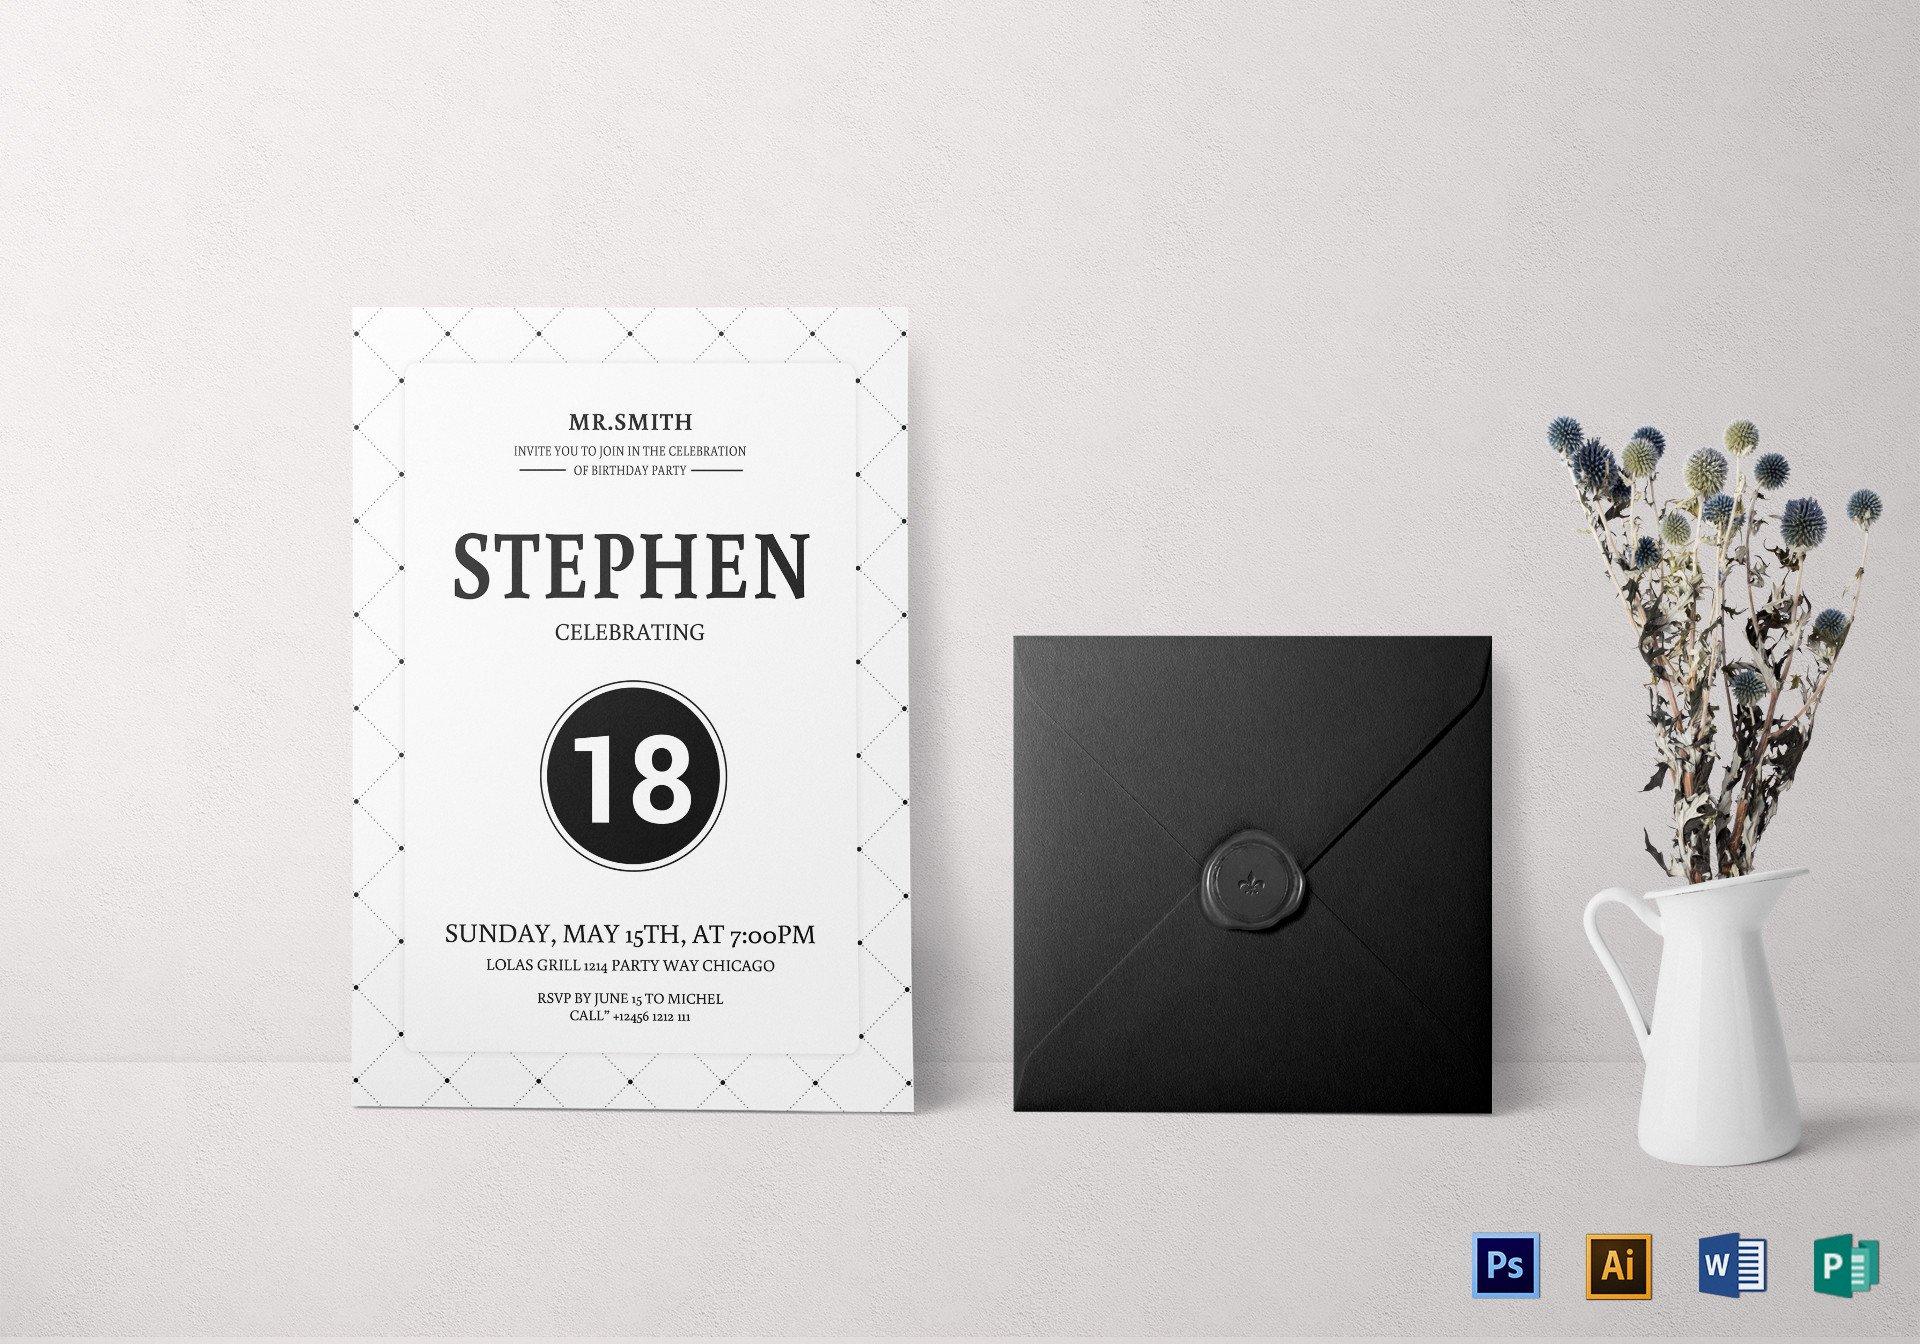 12 18th birthday party invitation templates  psd ai